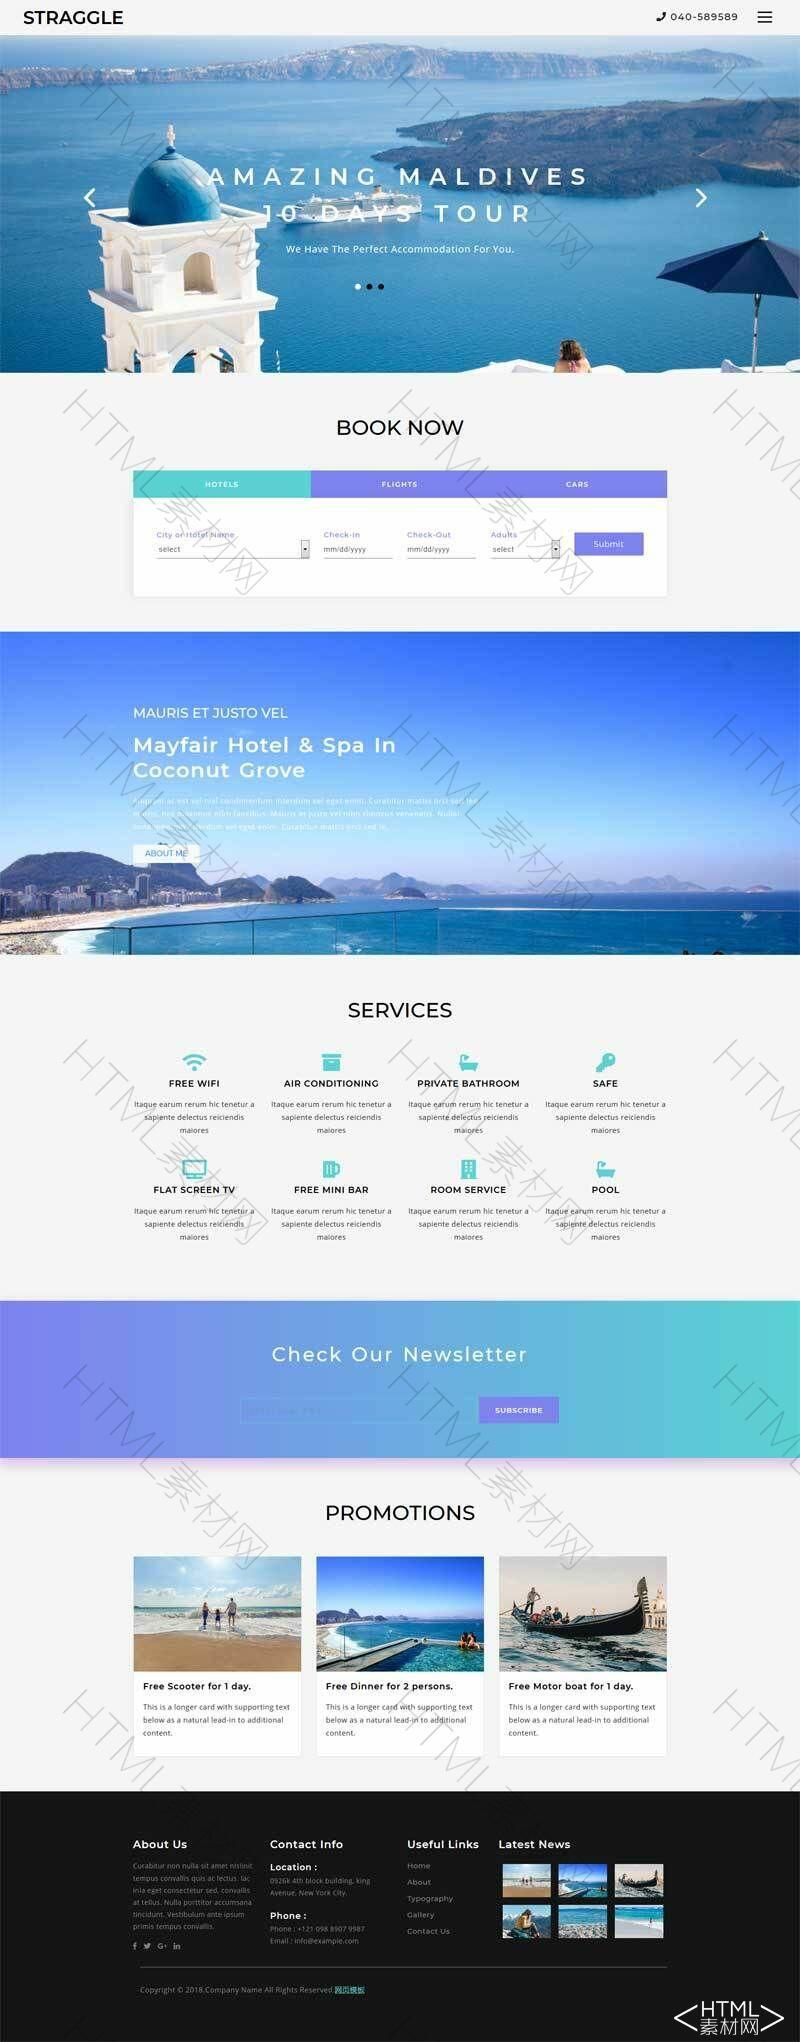 响应式的旅游攻略酒店服务网站模板.jpg